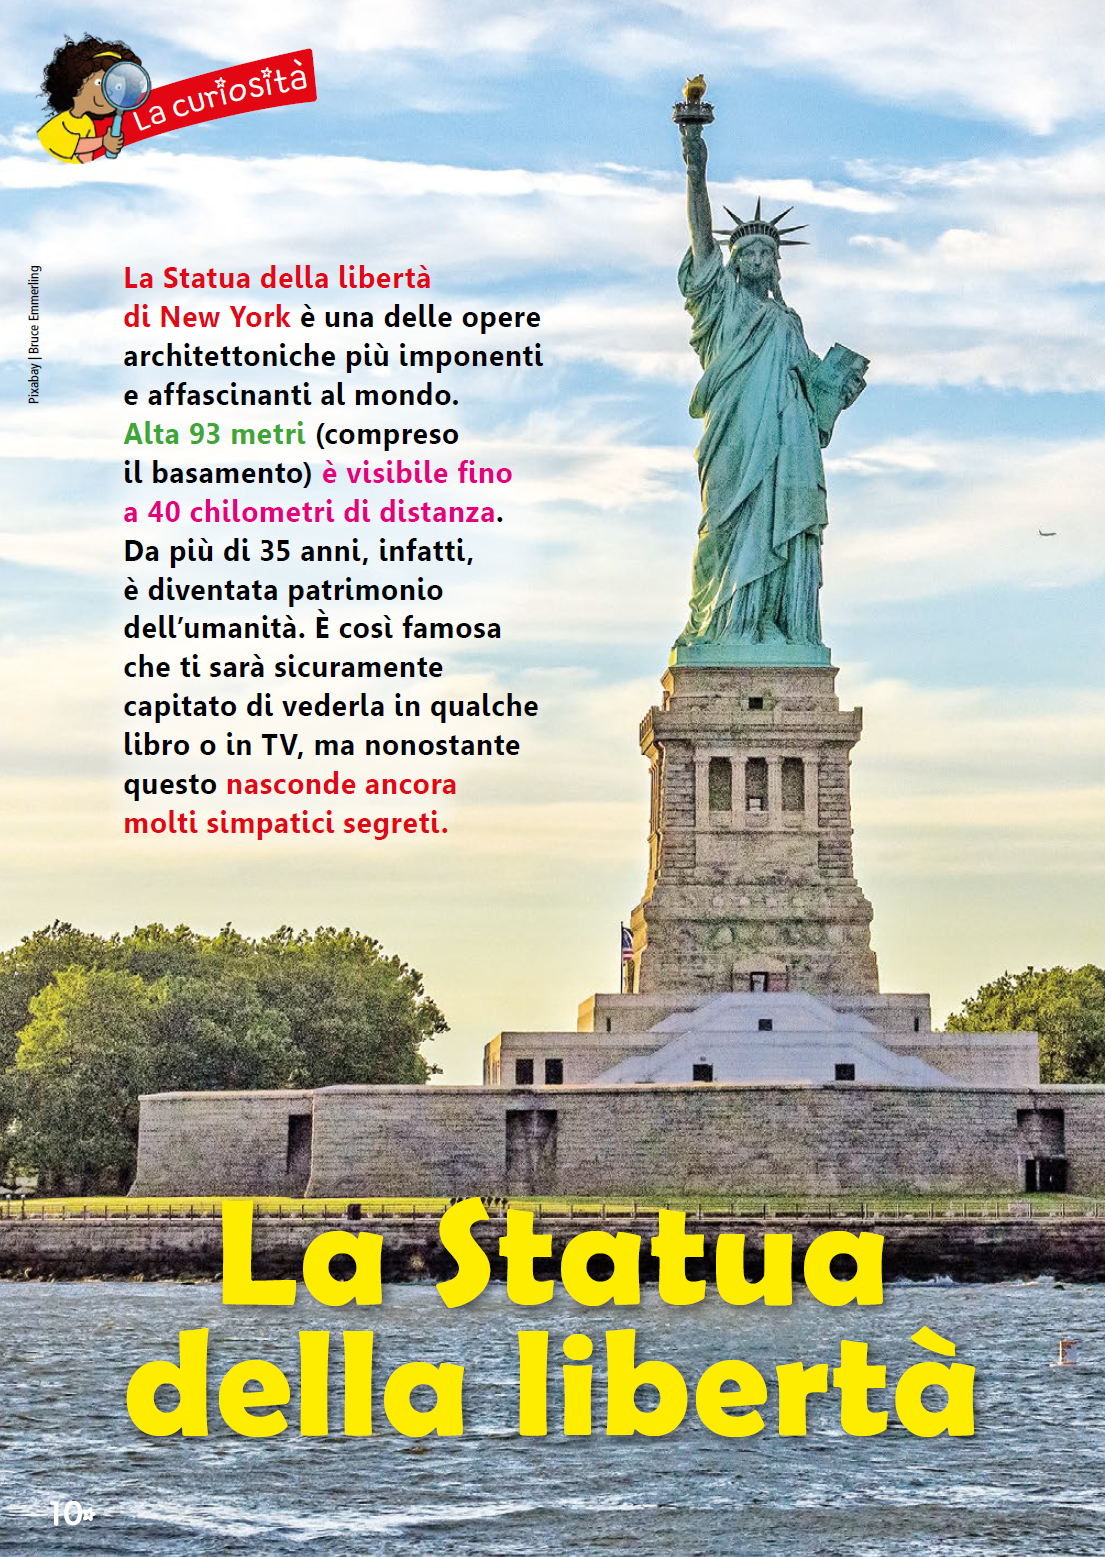 la-statua-della-liberta-da-big